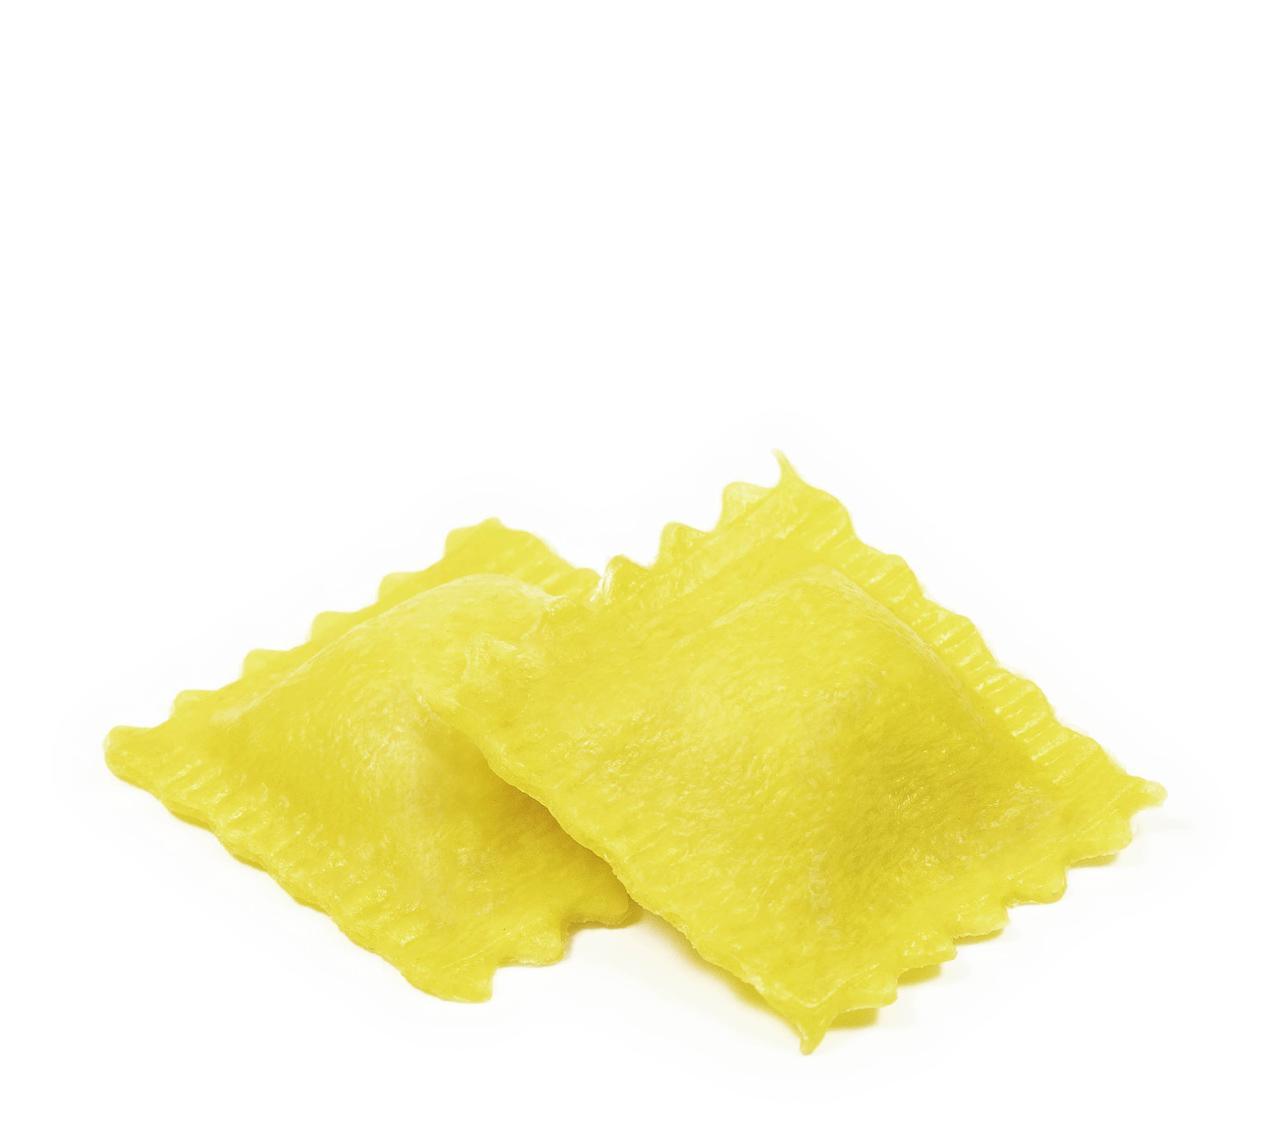 Pastificio_La_Fenice_pasta_fresca_pasta_surgelata_ravioli_allo_squacquerone_di_romagna_dop